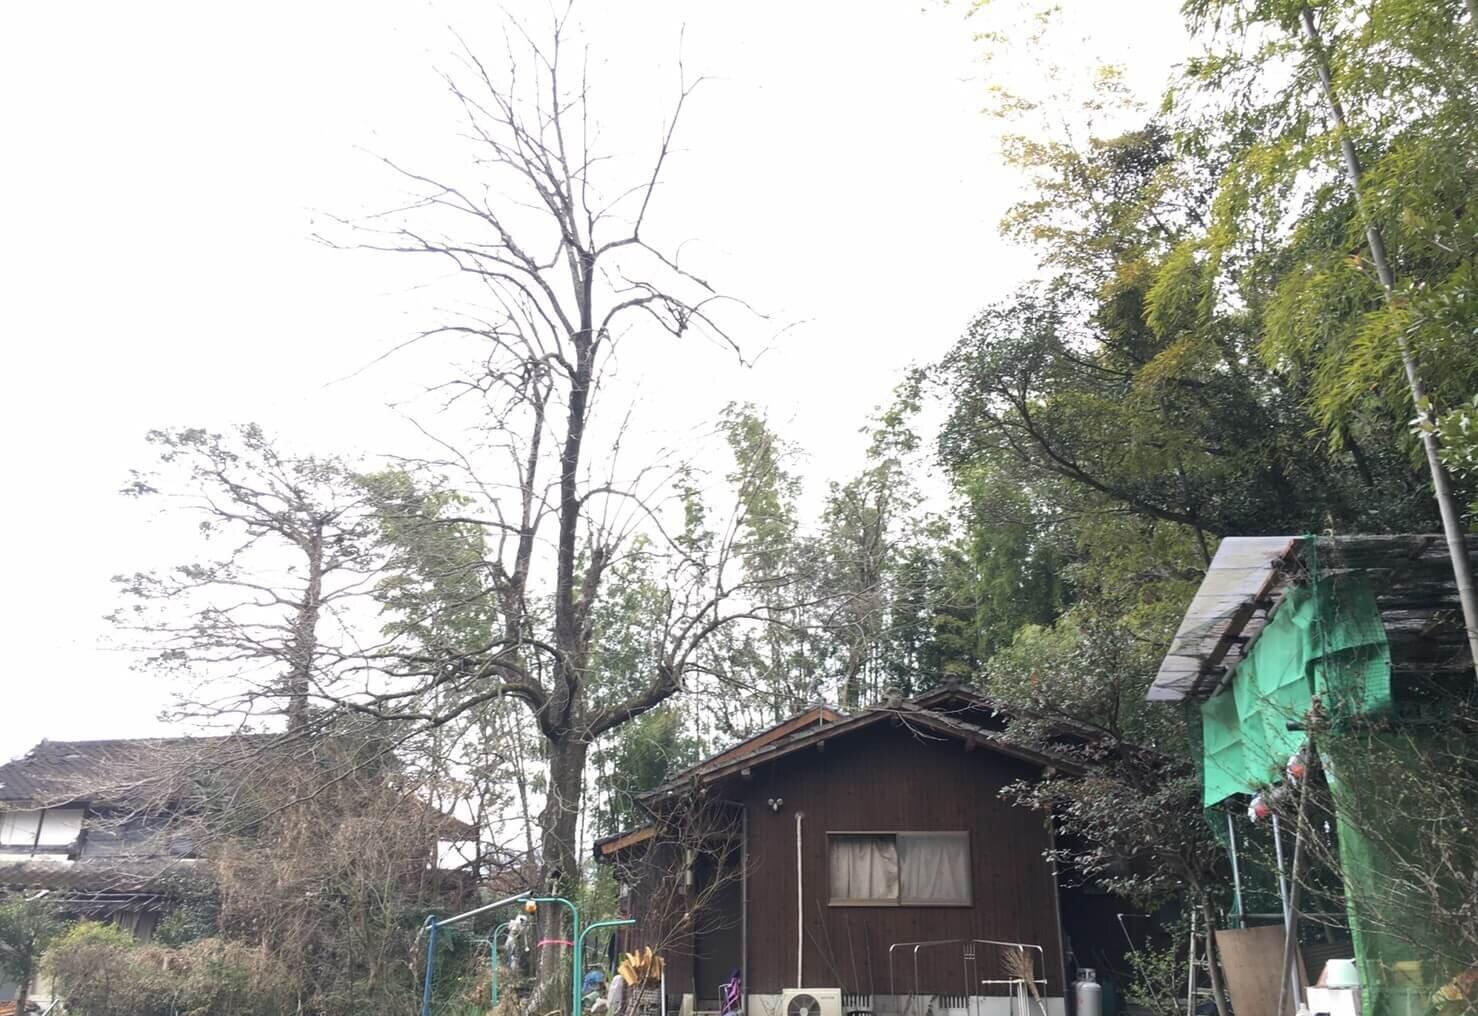 中央左よりにピンクテープを巻いた柿の木が一本目の対象木。